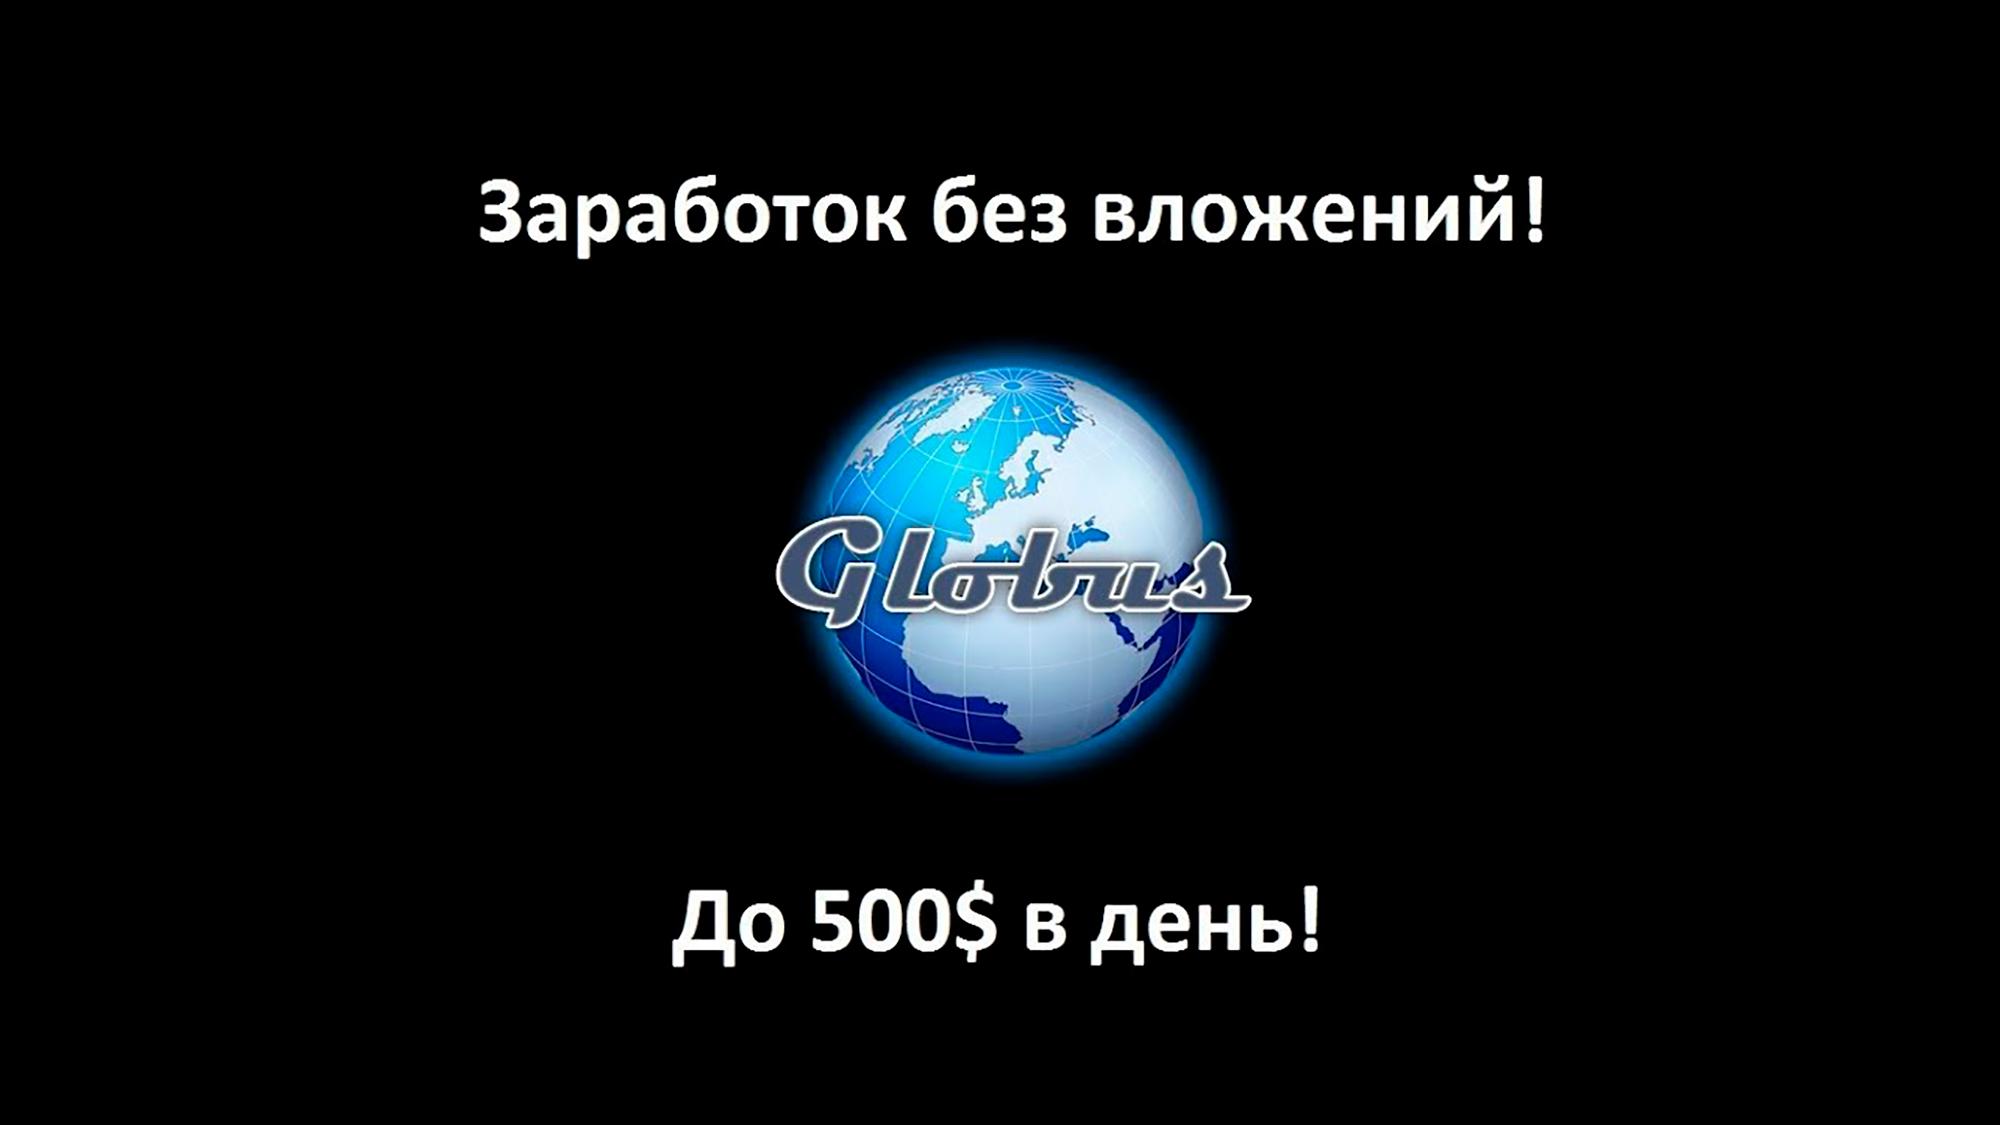 Лаконичная реклама «Глобуса». Для такого заработка нужно посмотреть около 170 000 реклам в день, или 2 рекламы в секунду